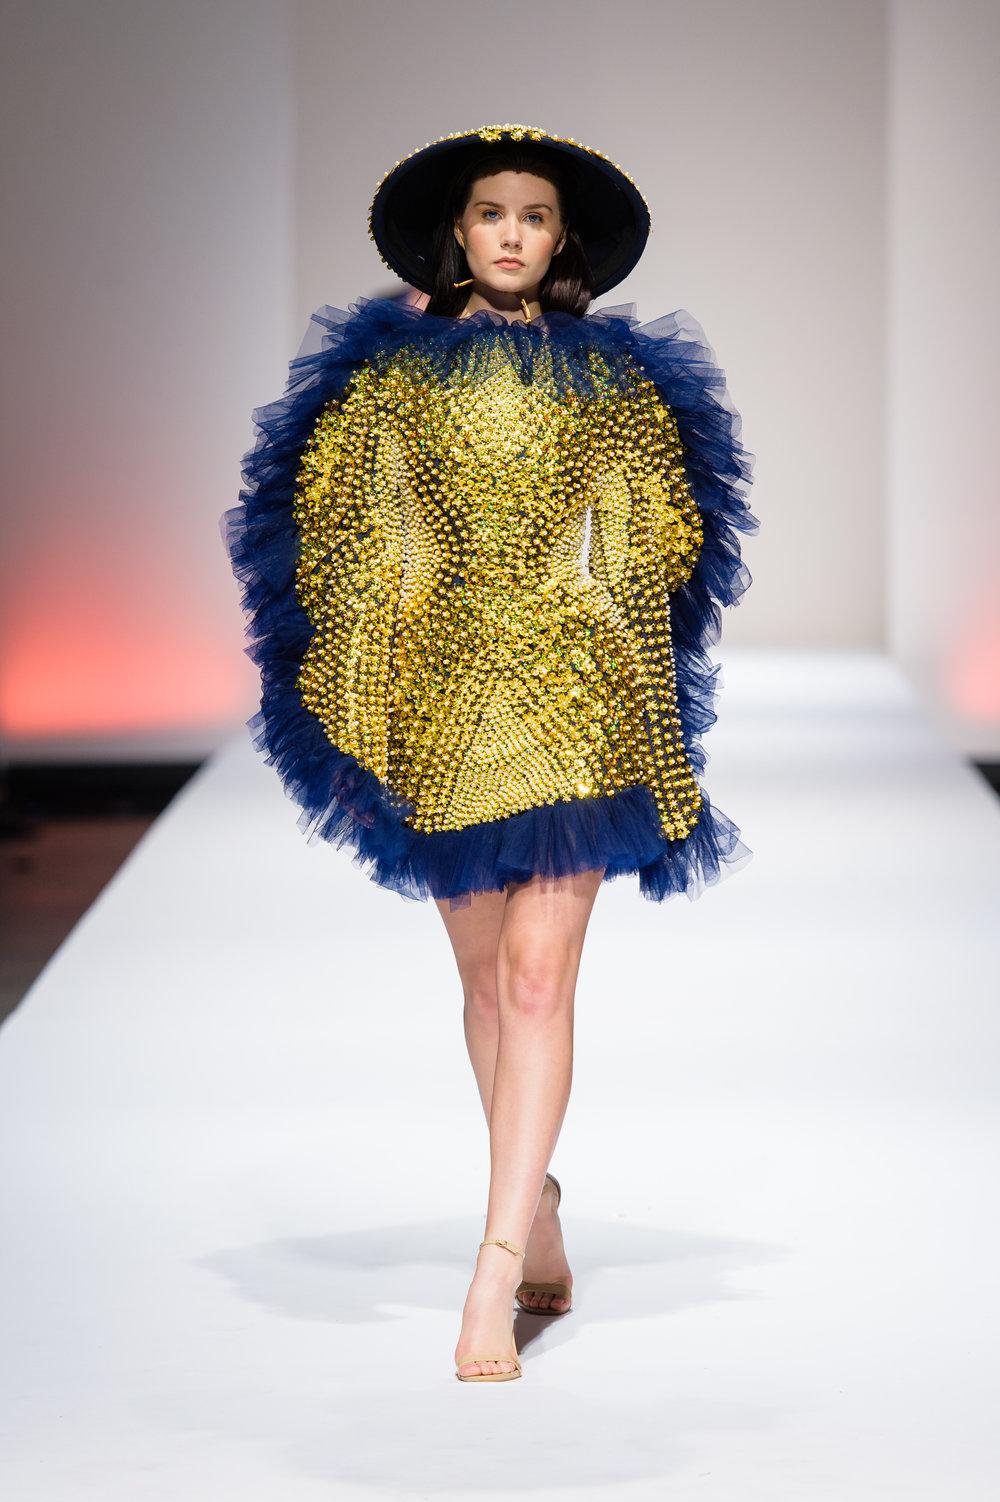 10132016-Fashion-X-Houston-CarlosBarron-9434.jpg